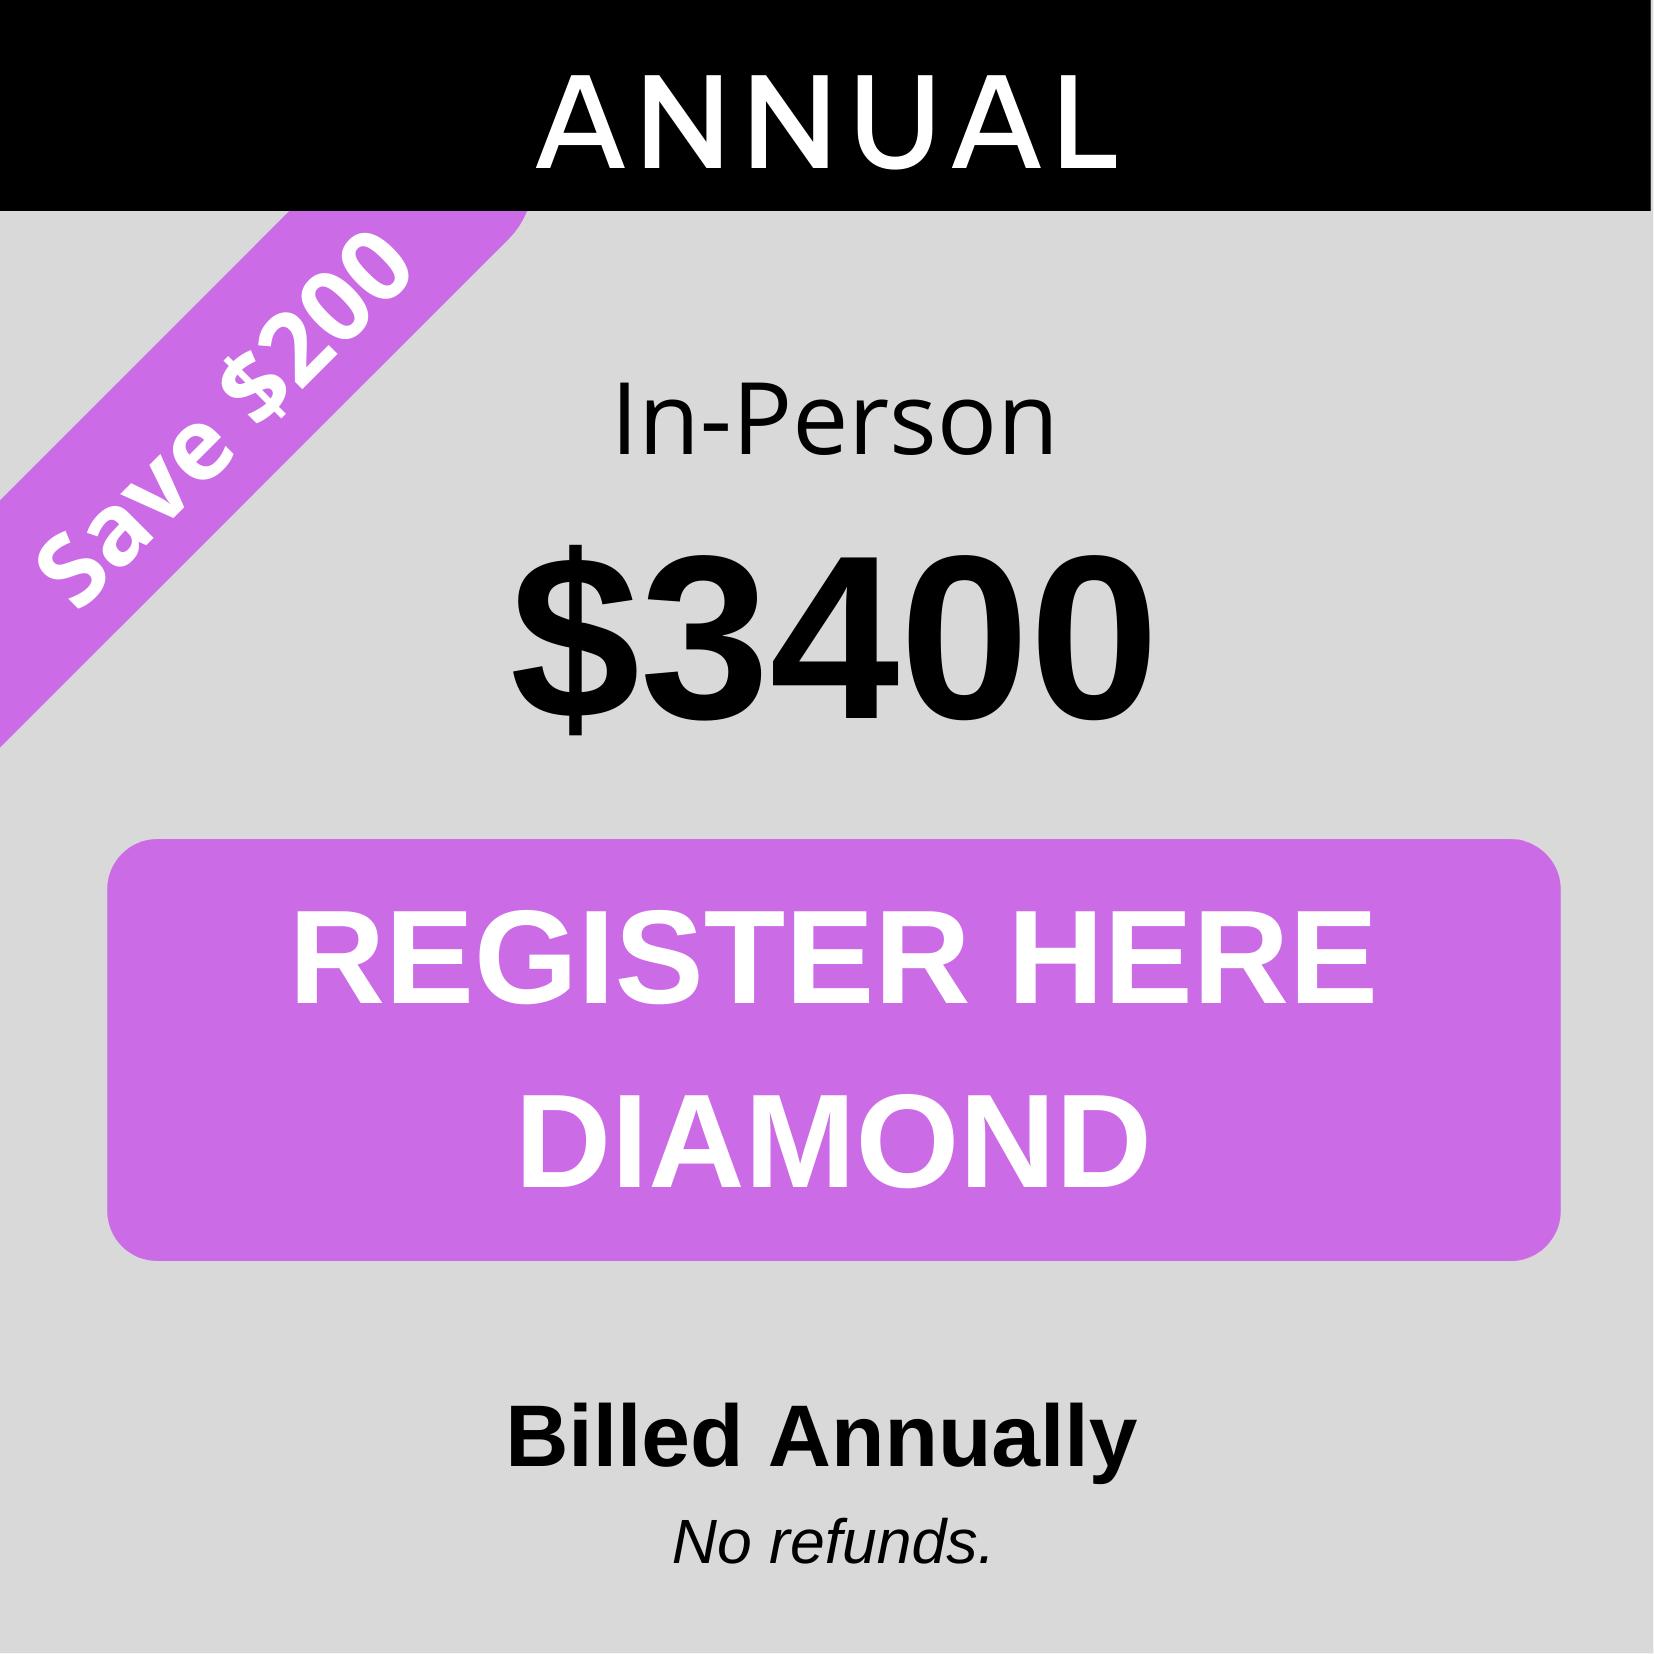 Diamond Annually inperson